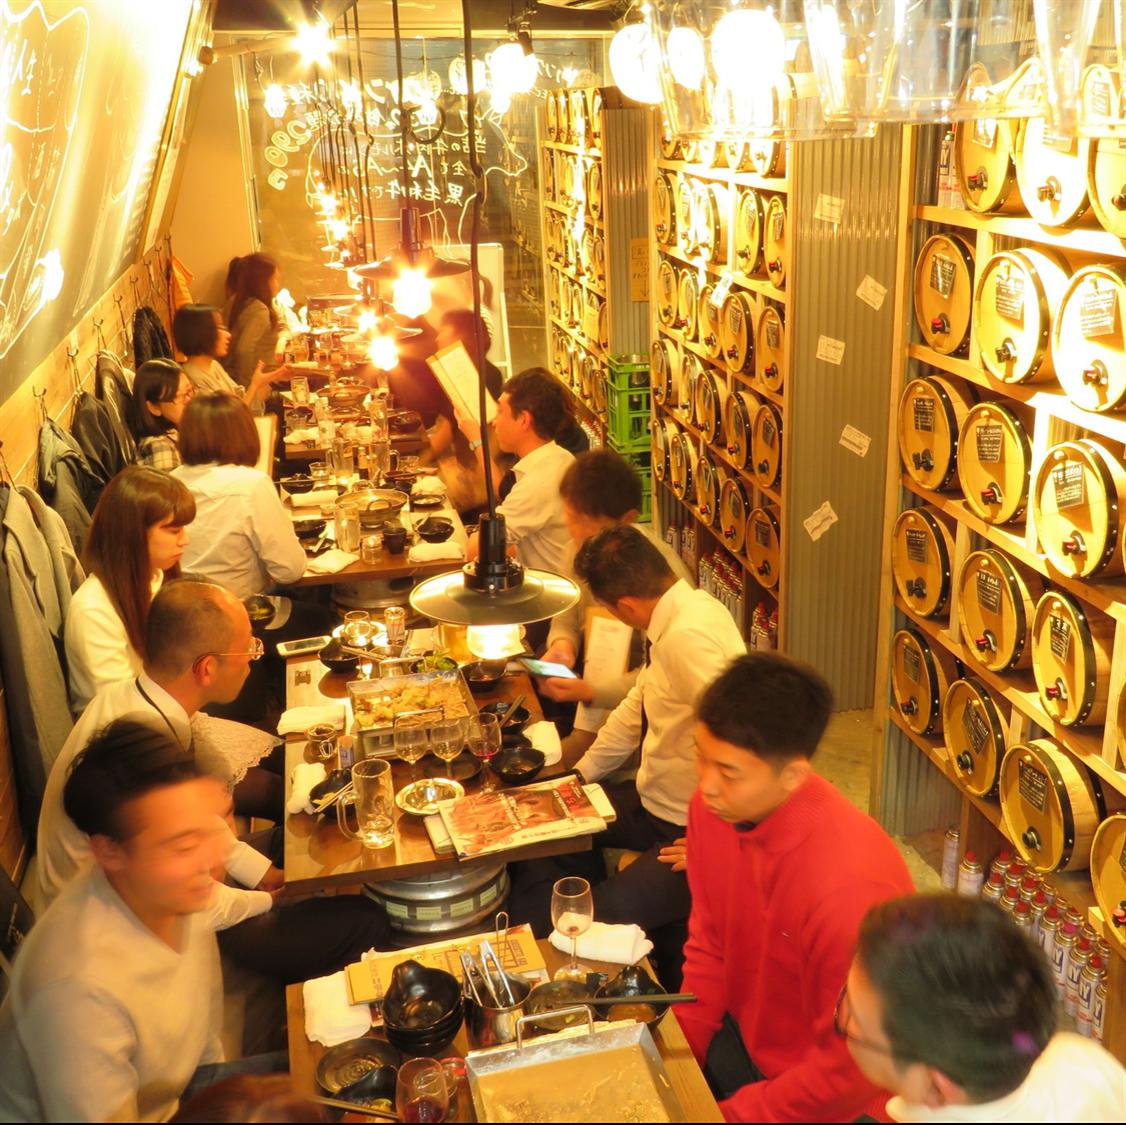 ◆主桌座◆是一個可以垂直排成一排30人的座位。酒桶也非常適合附近的宴會!